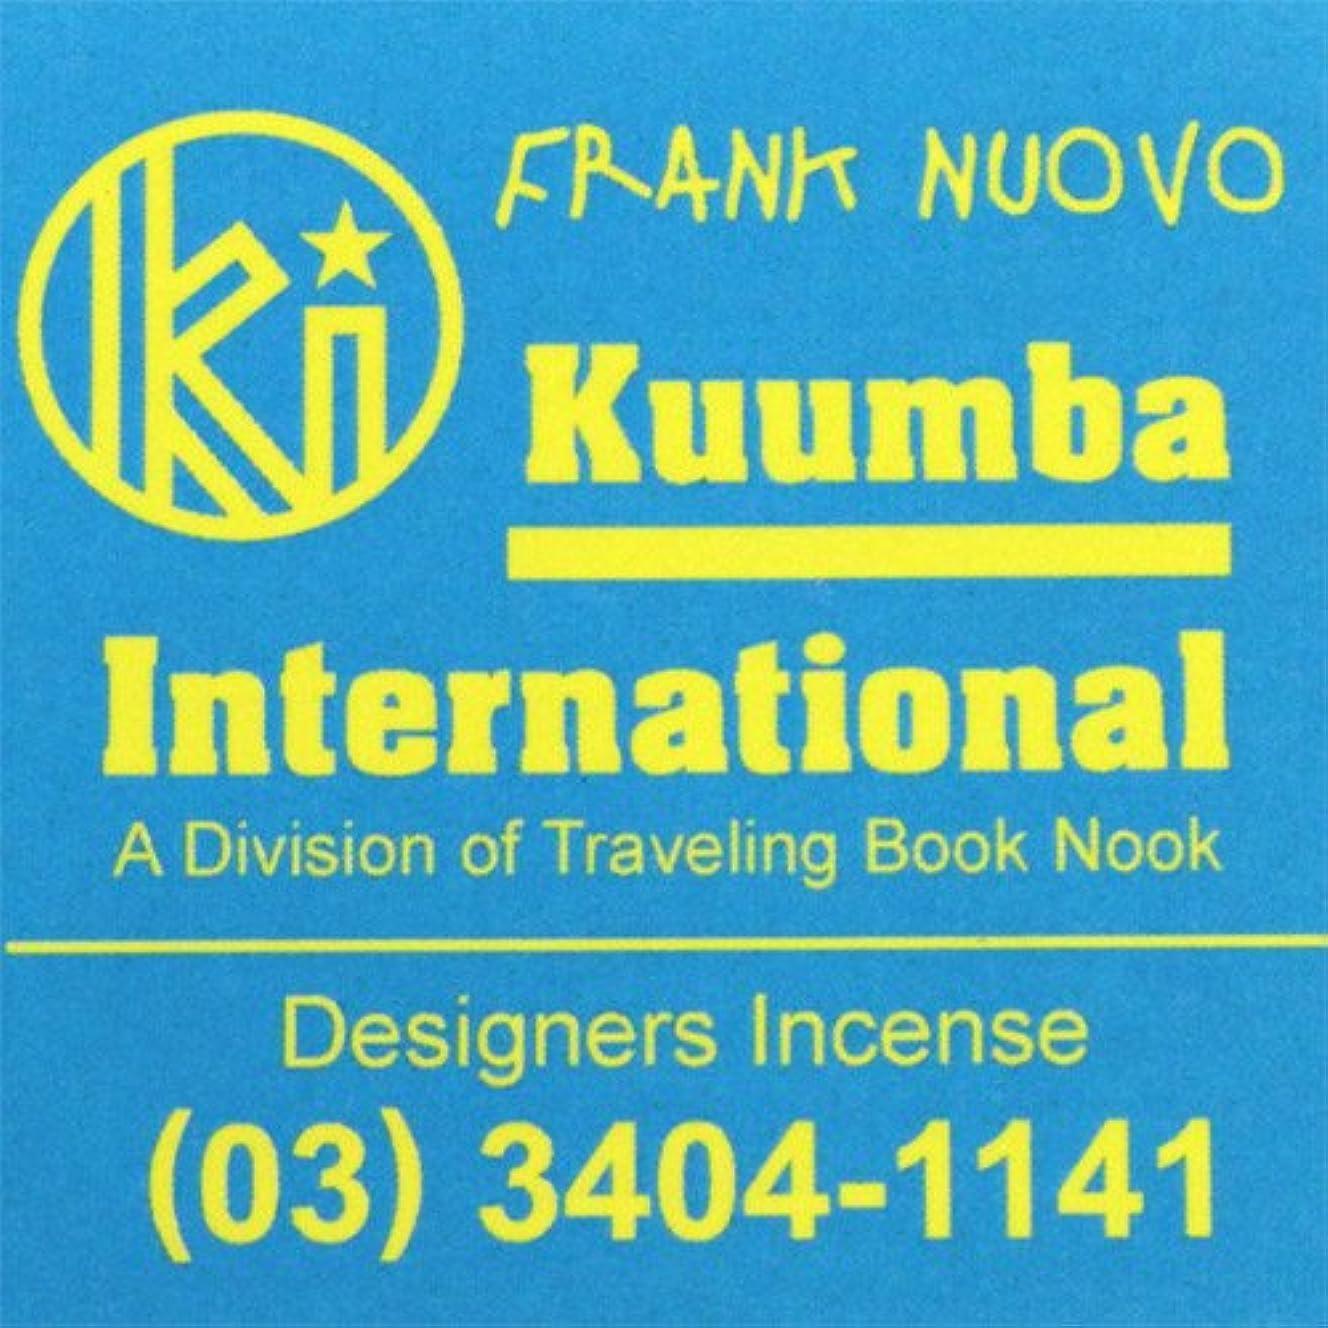 反逆者指見る人KUUMBA / クンバ『incense』(FRANK NUOVO) (Regular size)